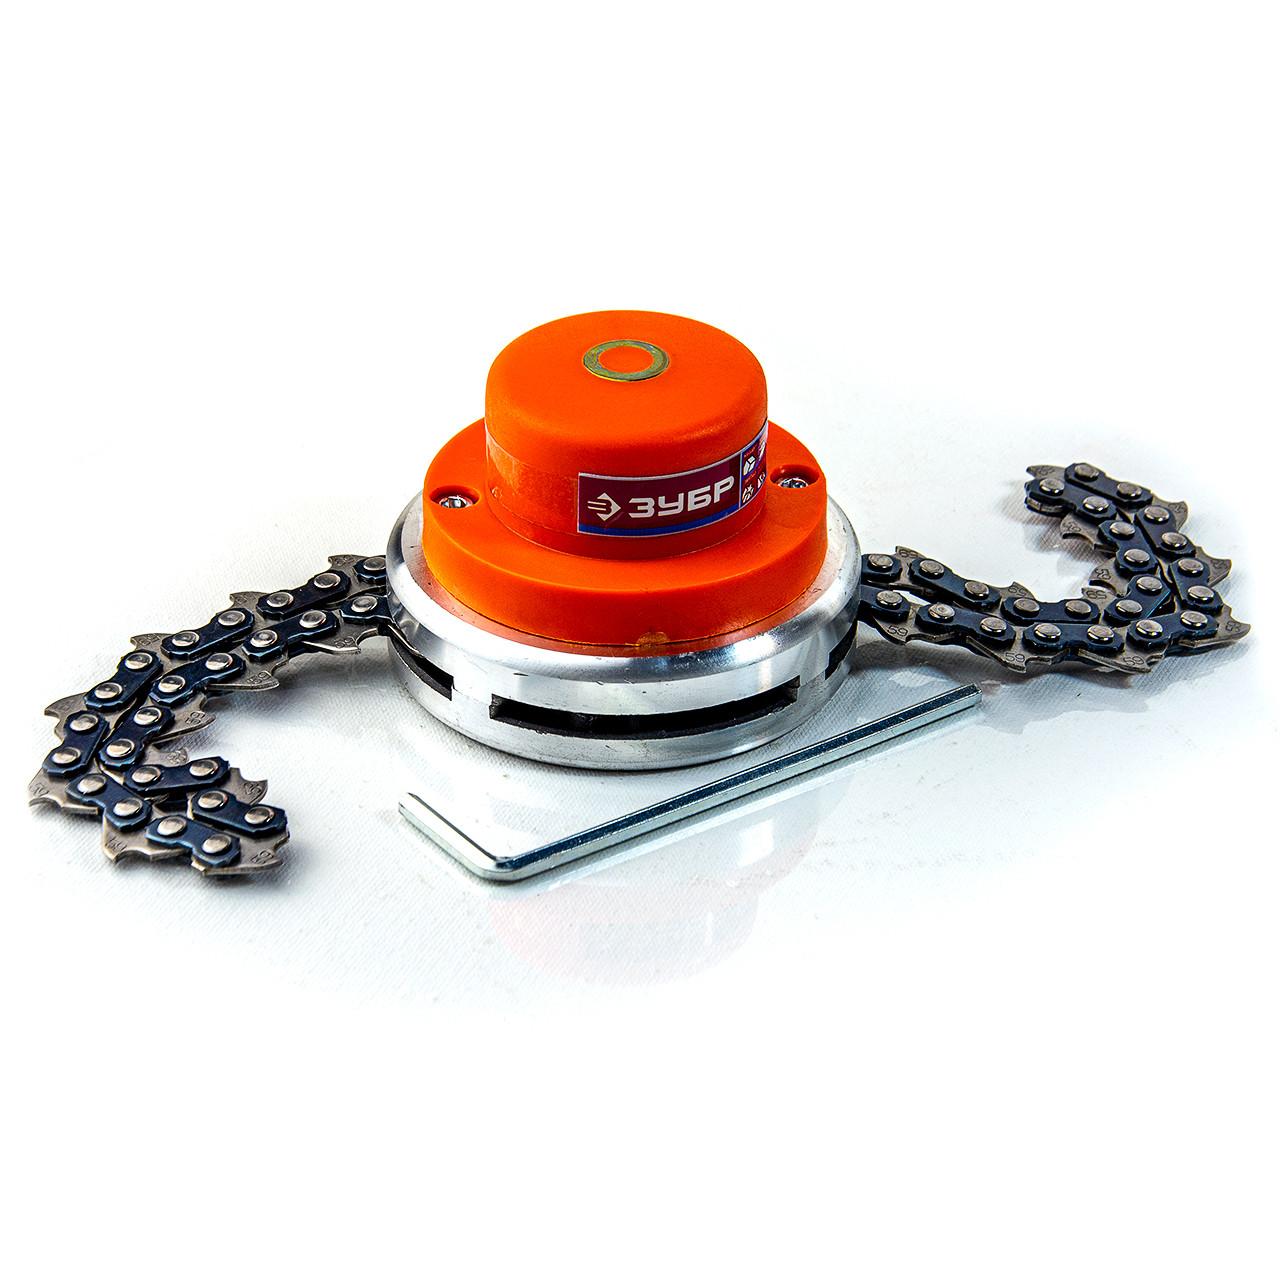 Катушка с цепью для триммера бензокосы Зубр